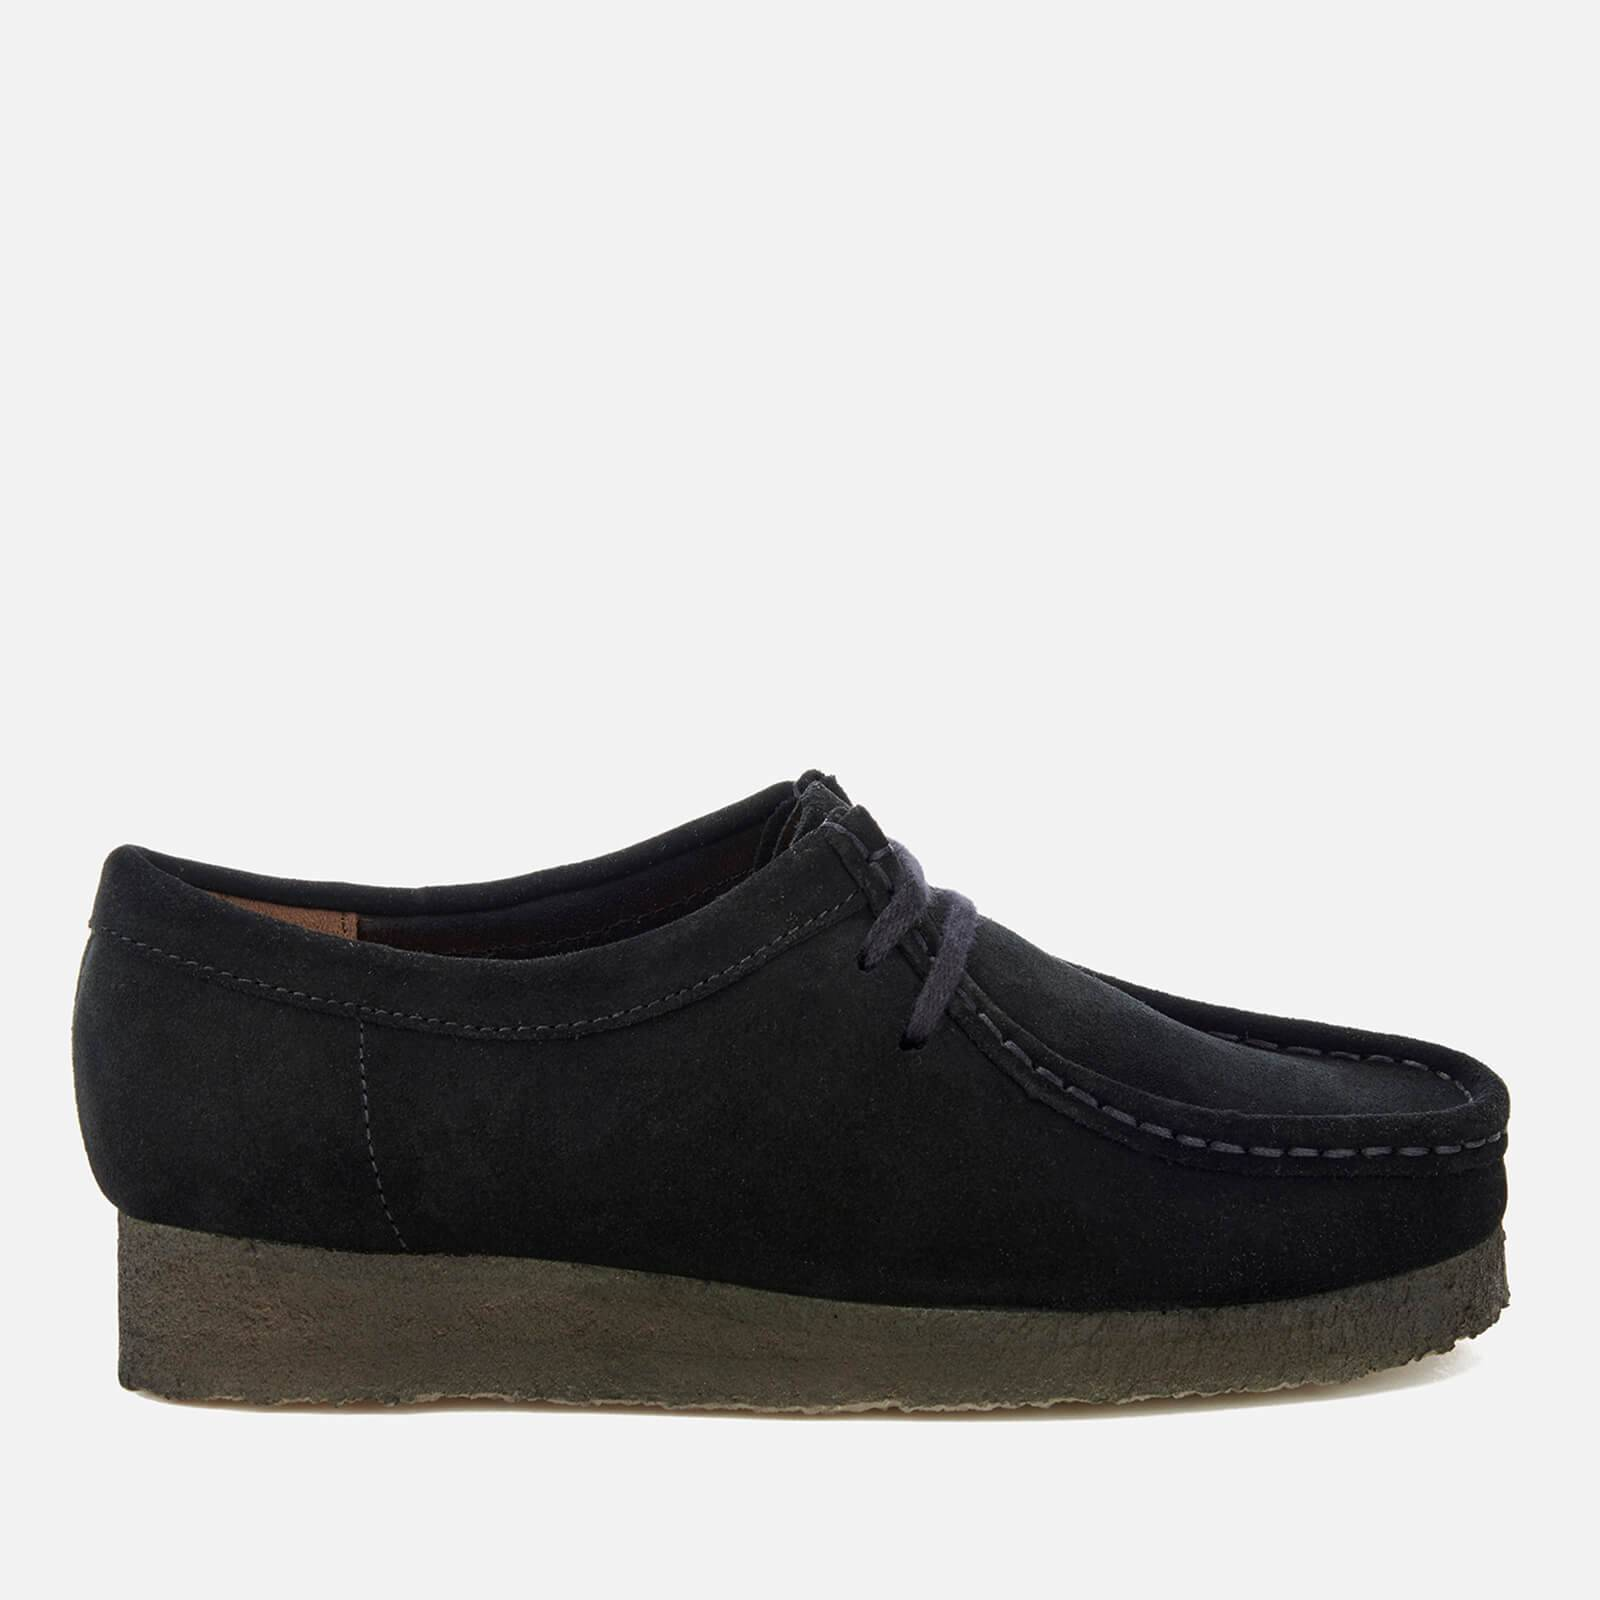 Clarks Originals Women's Wallabee Shoes - Black Suede - UK 6